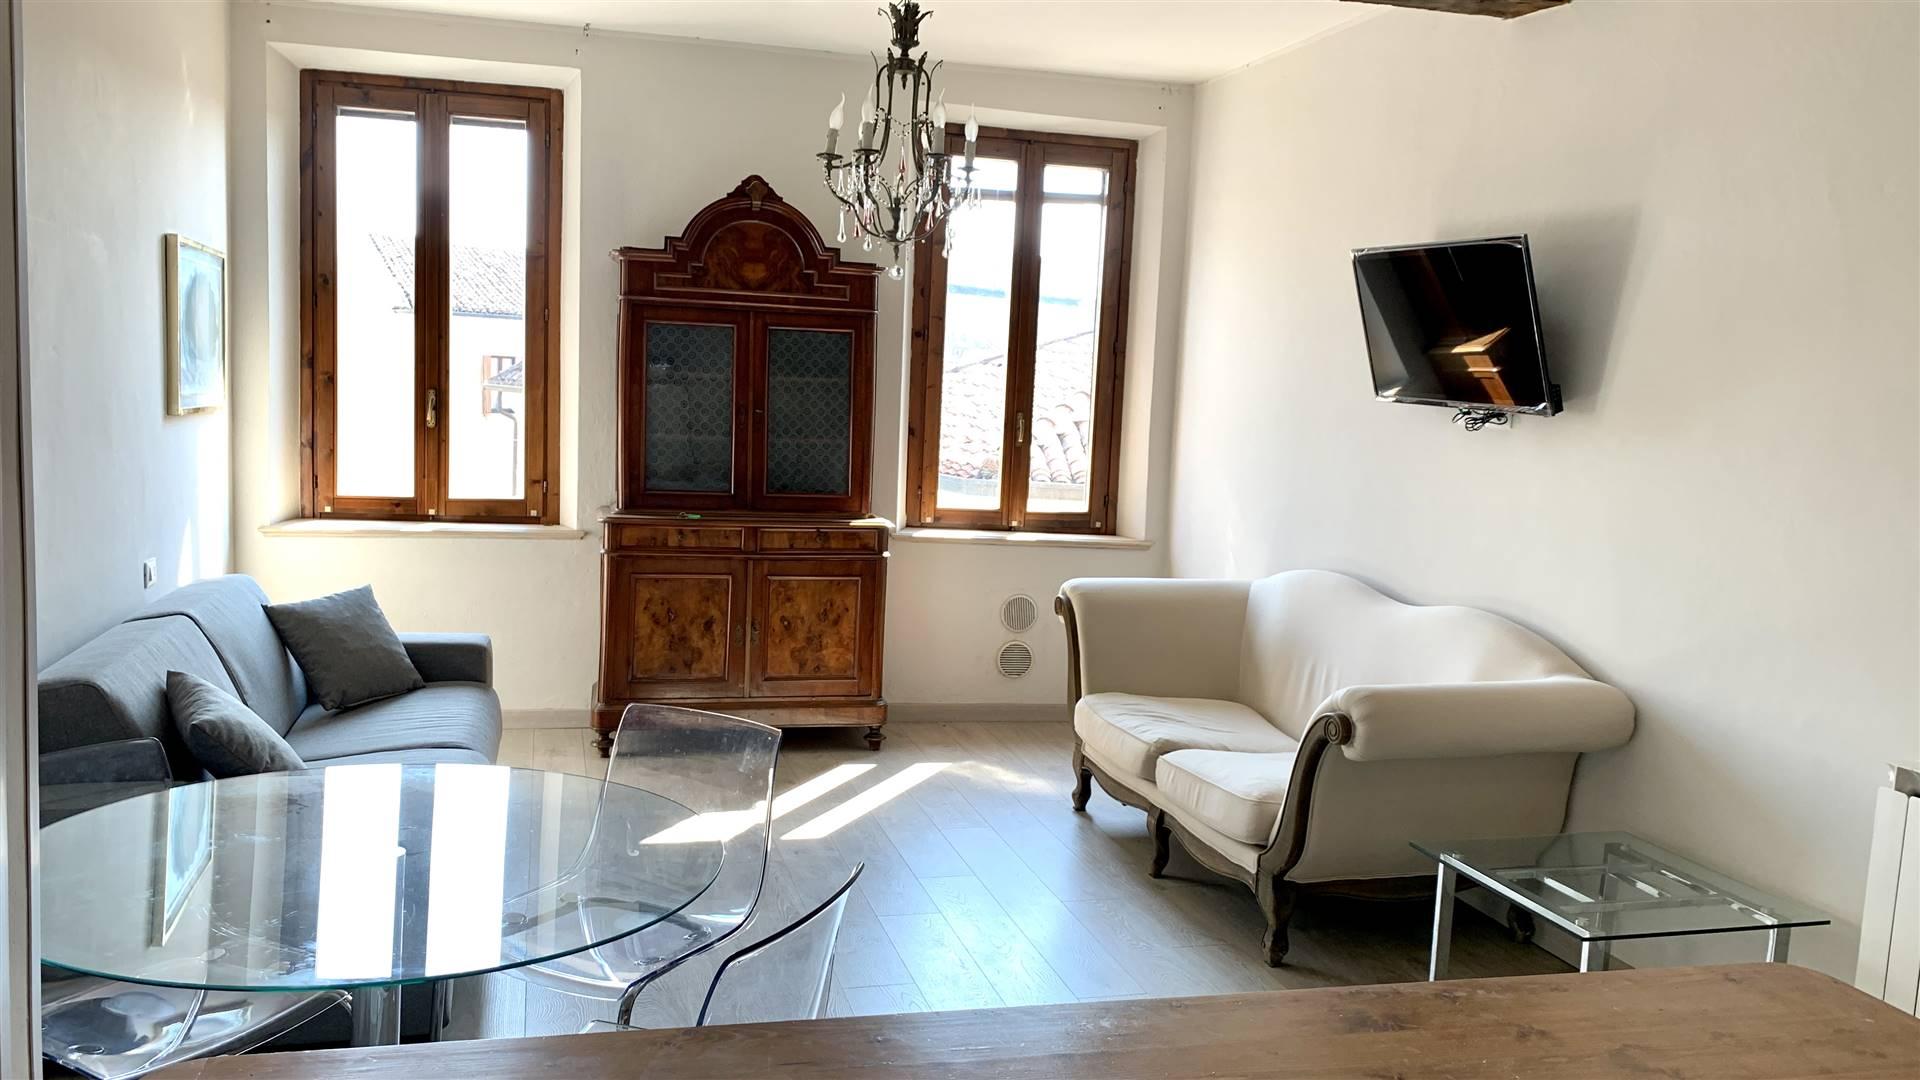 Appartamento in affitto a Mantova, 2 locali, zona Zona: Centro storico, prezzo € 550 | CambioCasa.it